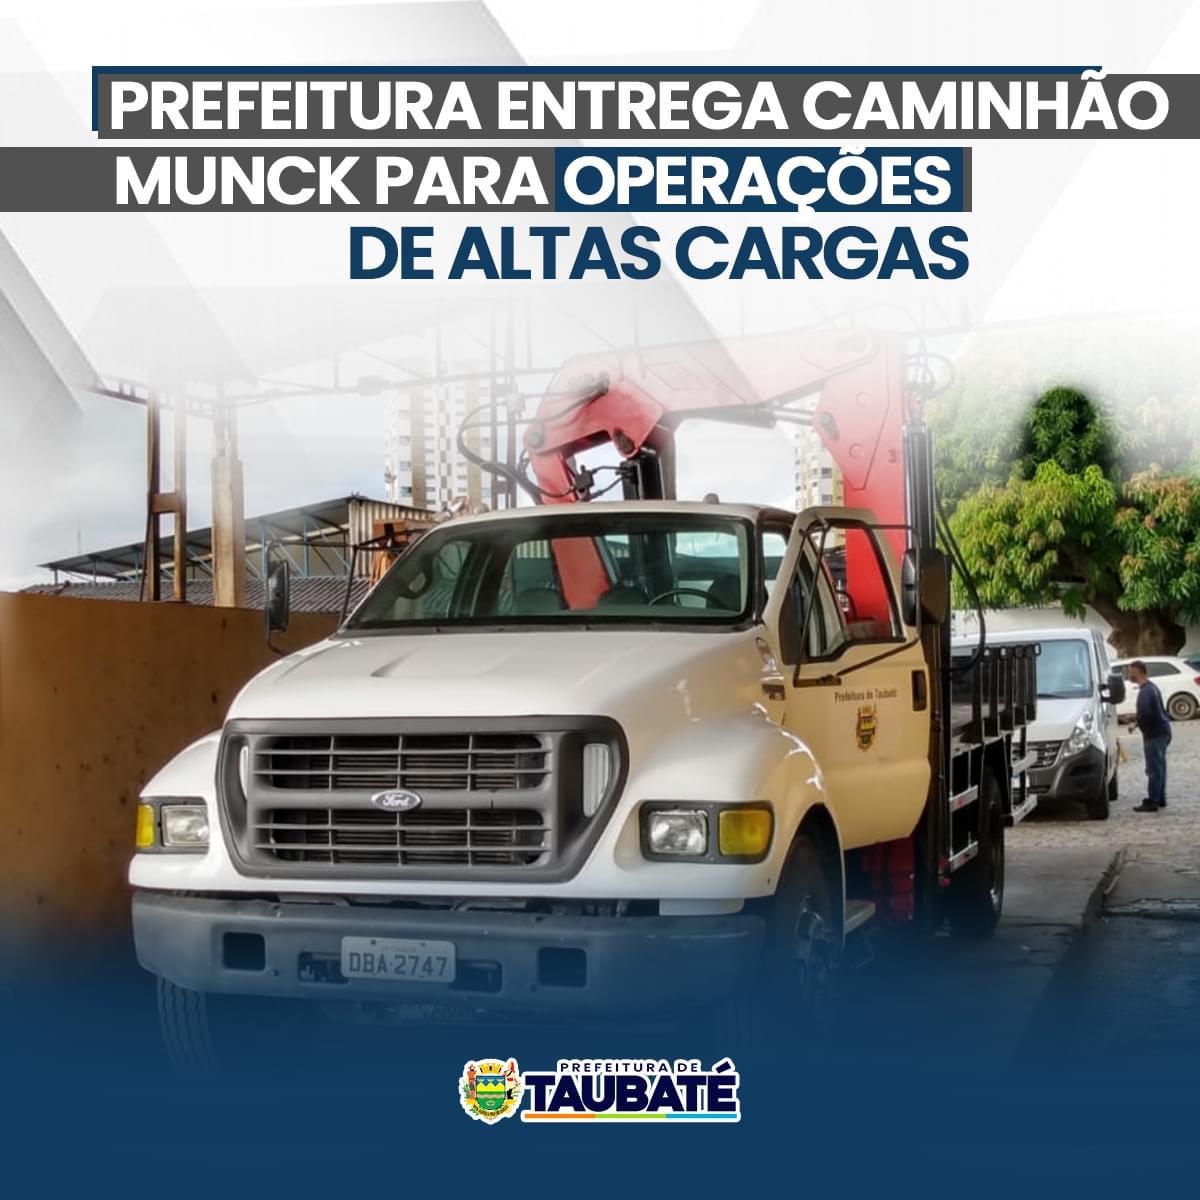 Prefeitura entrega caminhão Munck em Taubaté